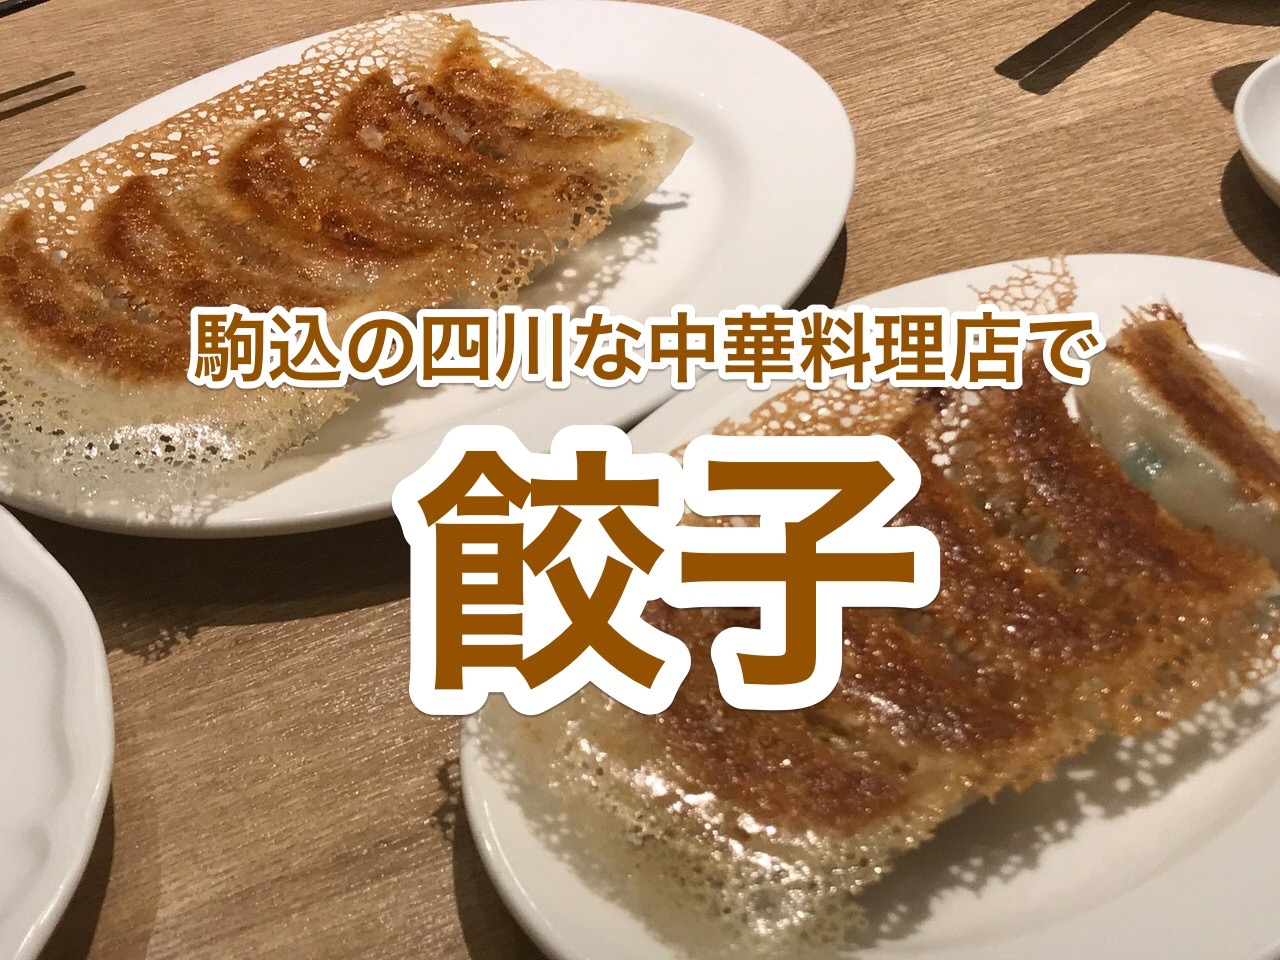 「駒込餃子軒」餃子専用豆板醤味噌タレで食べる餃子が美味い